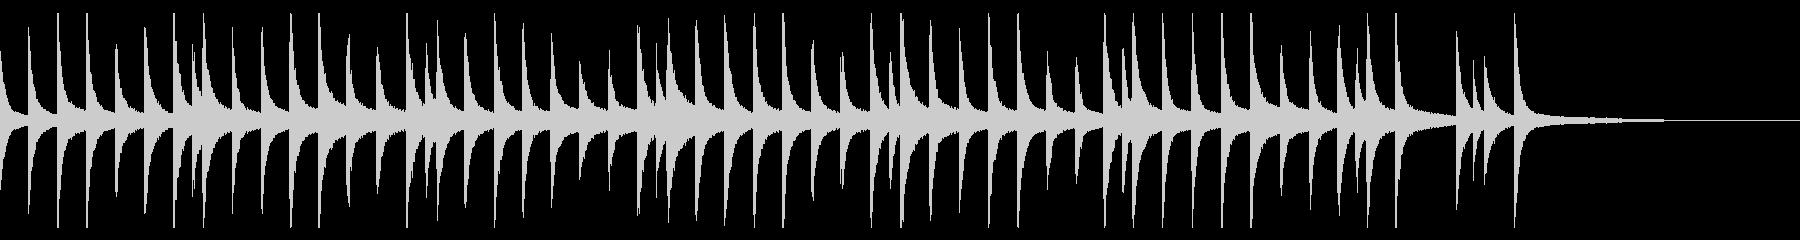 オーケストラベルズ:ミュージックア...の未再生の波形